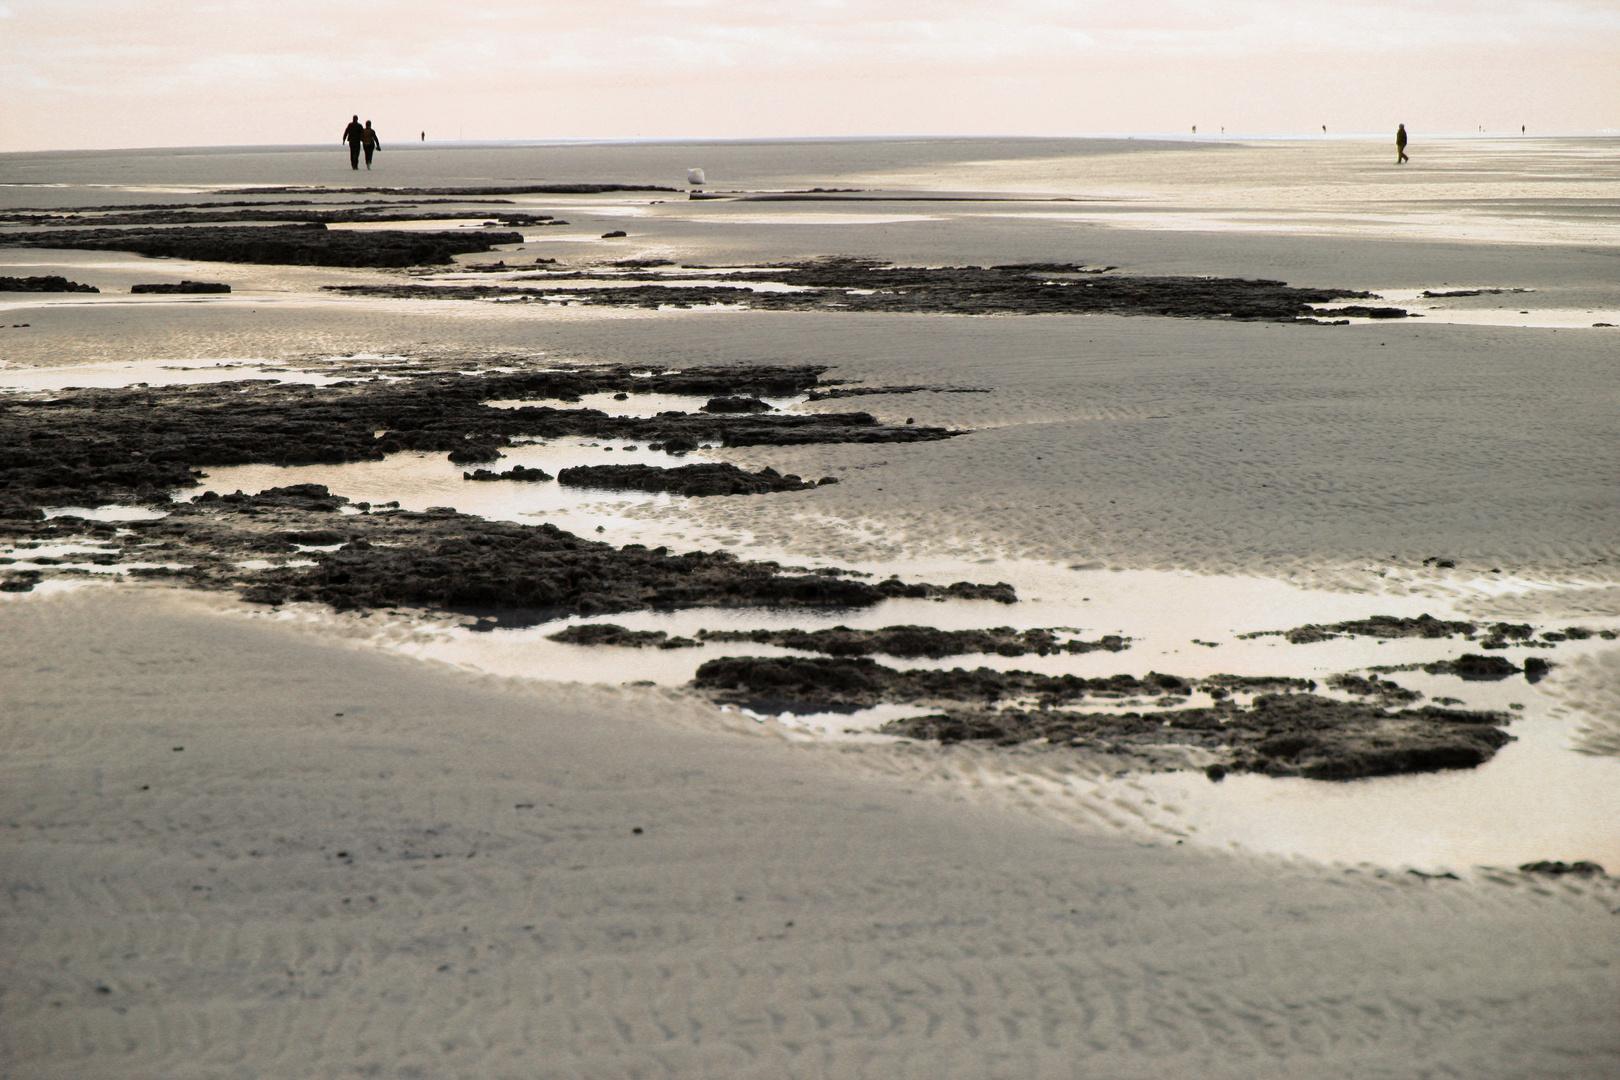 Die Weite des Strandes..